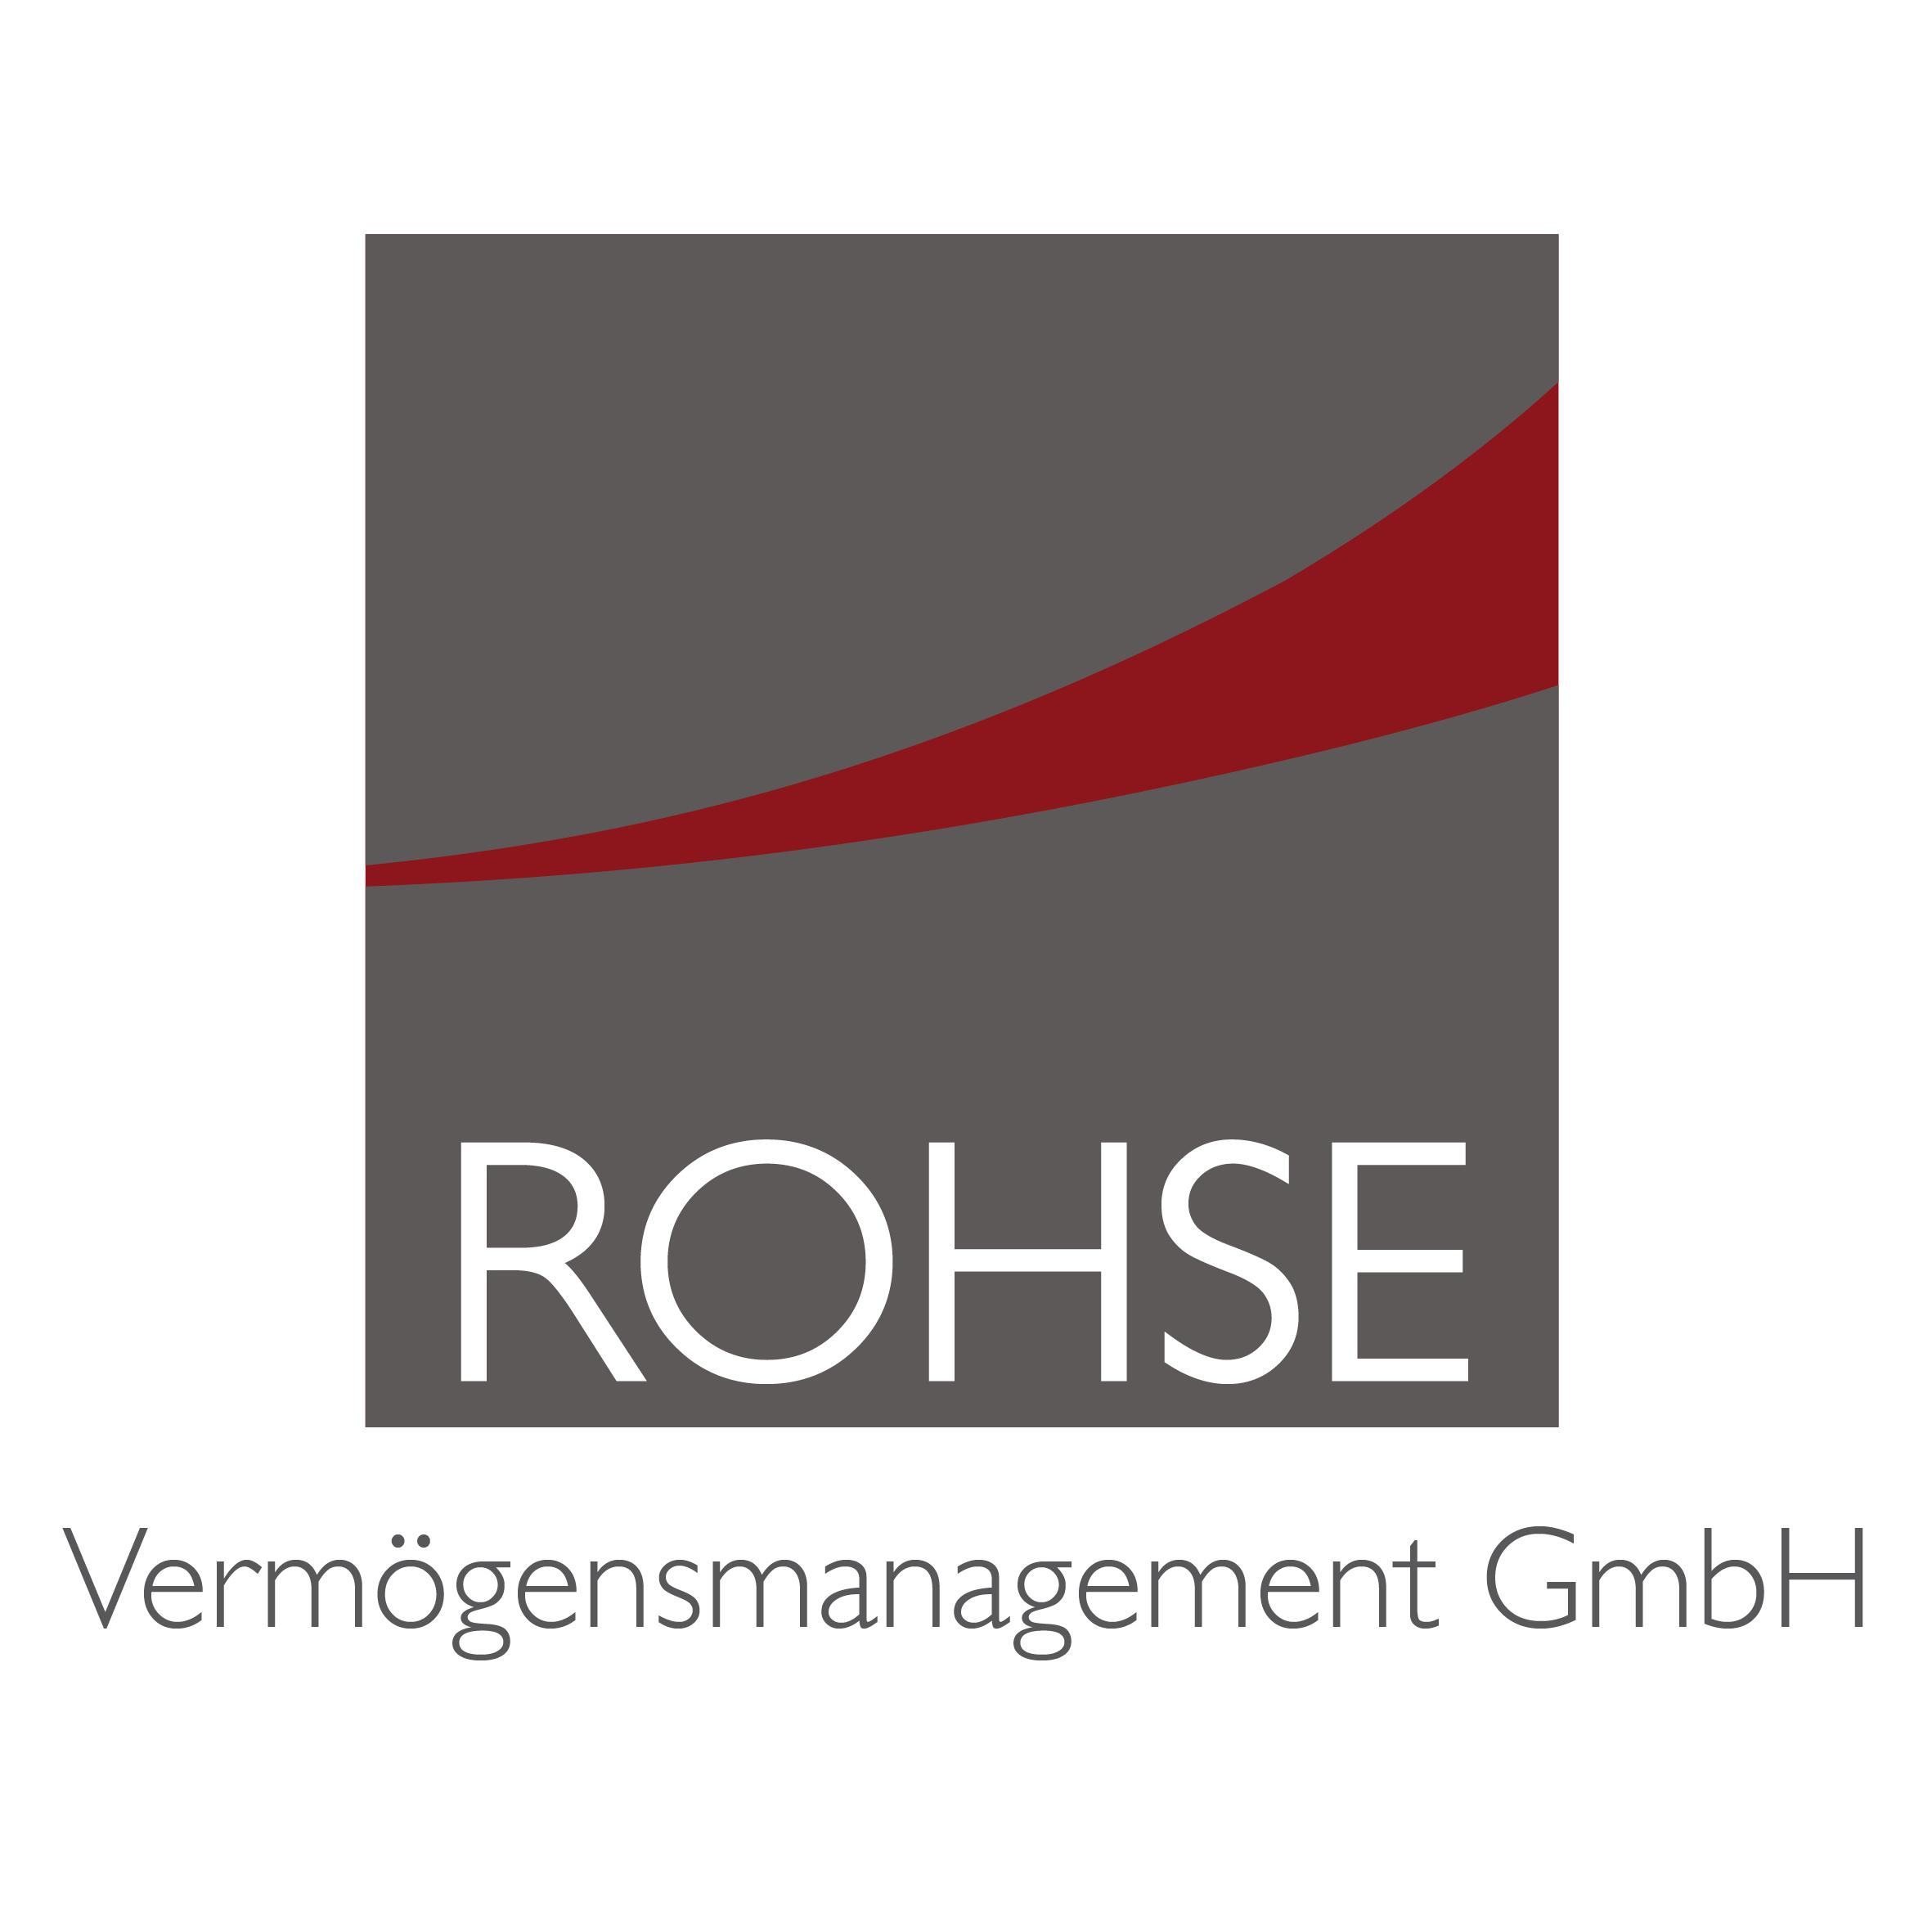 Rohse Vermögensmanagement GmbH Logo